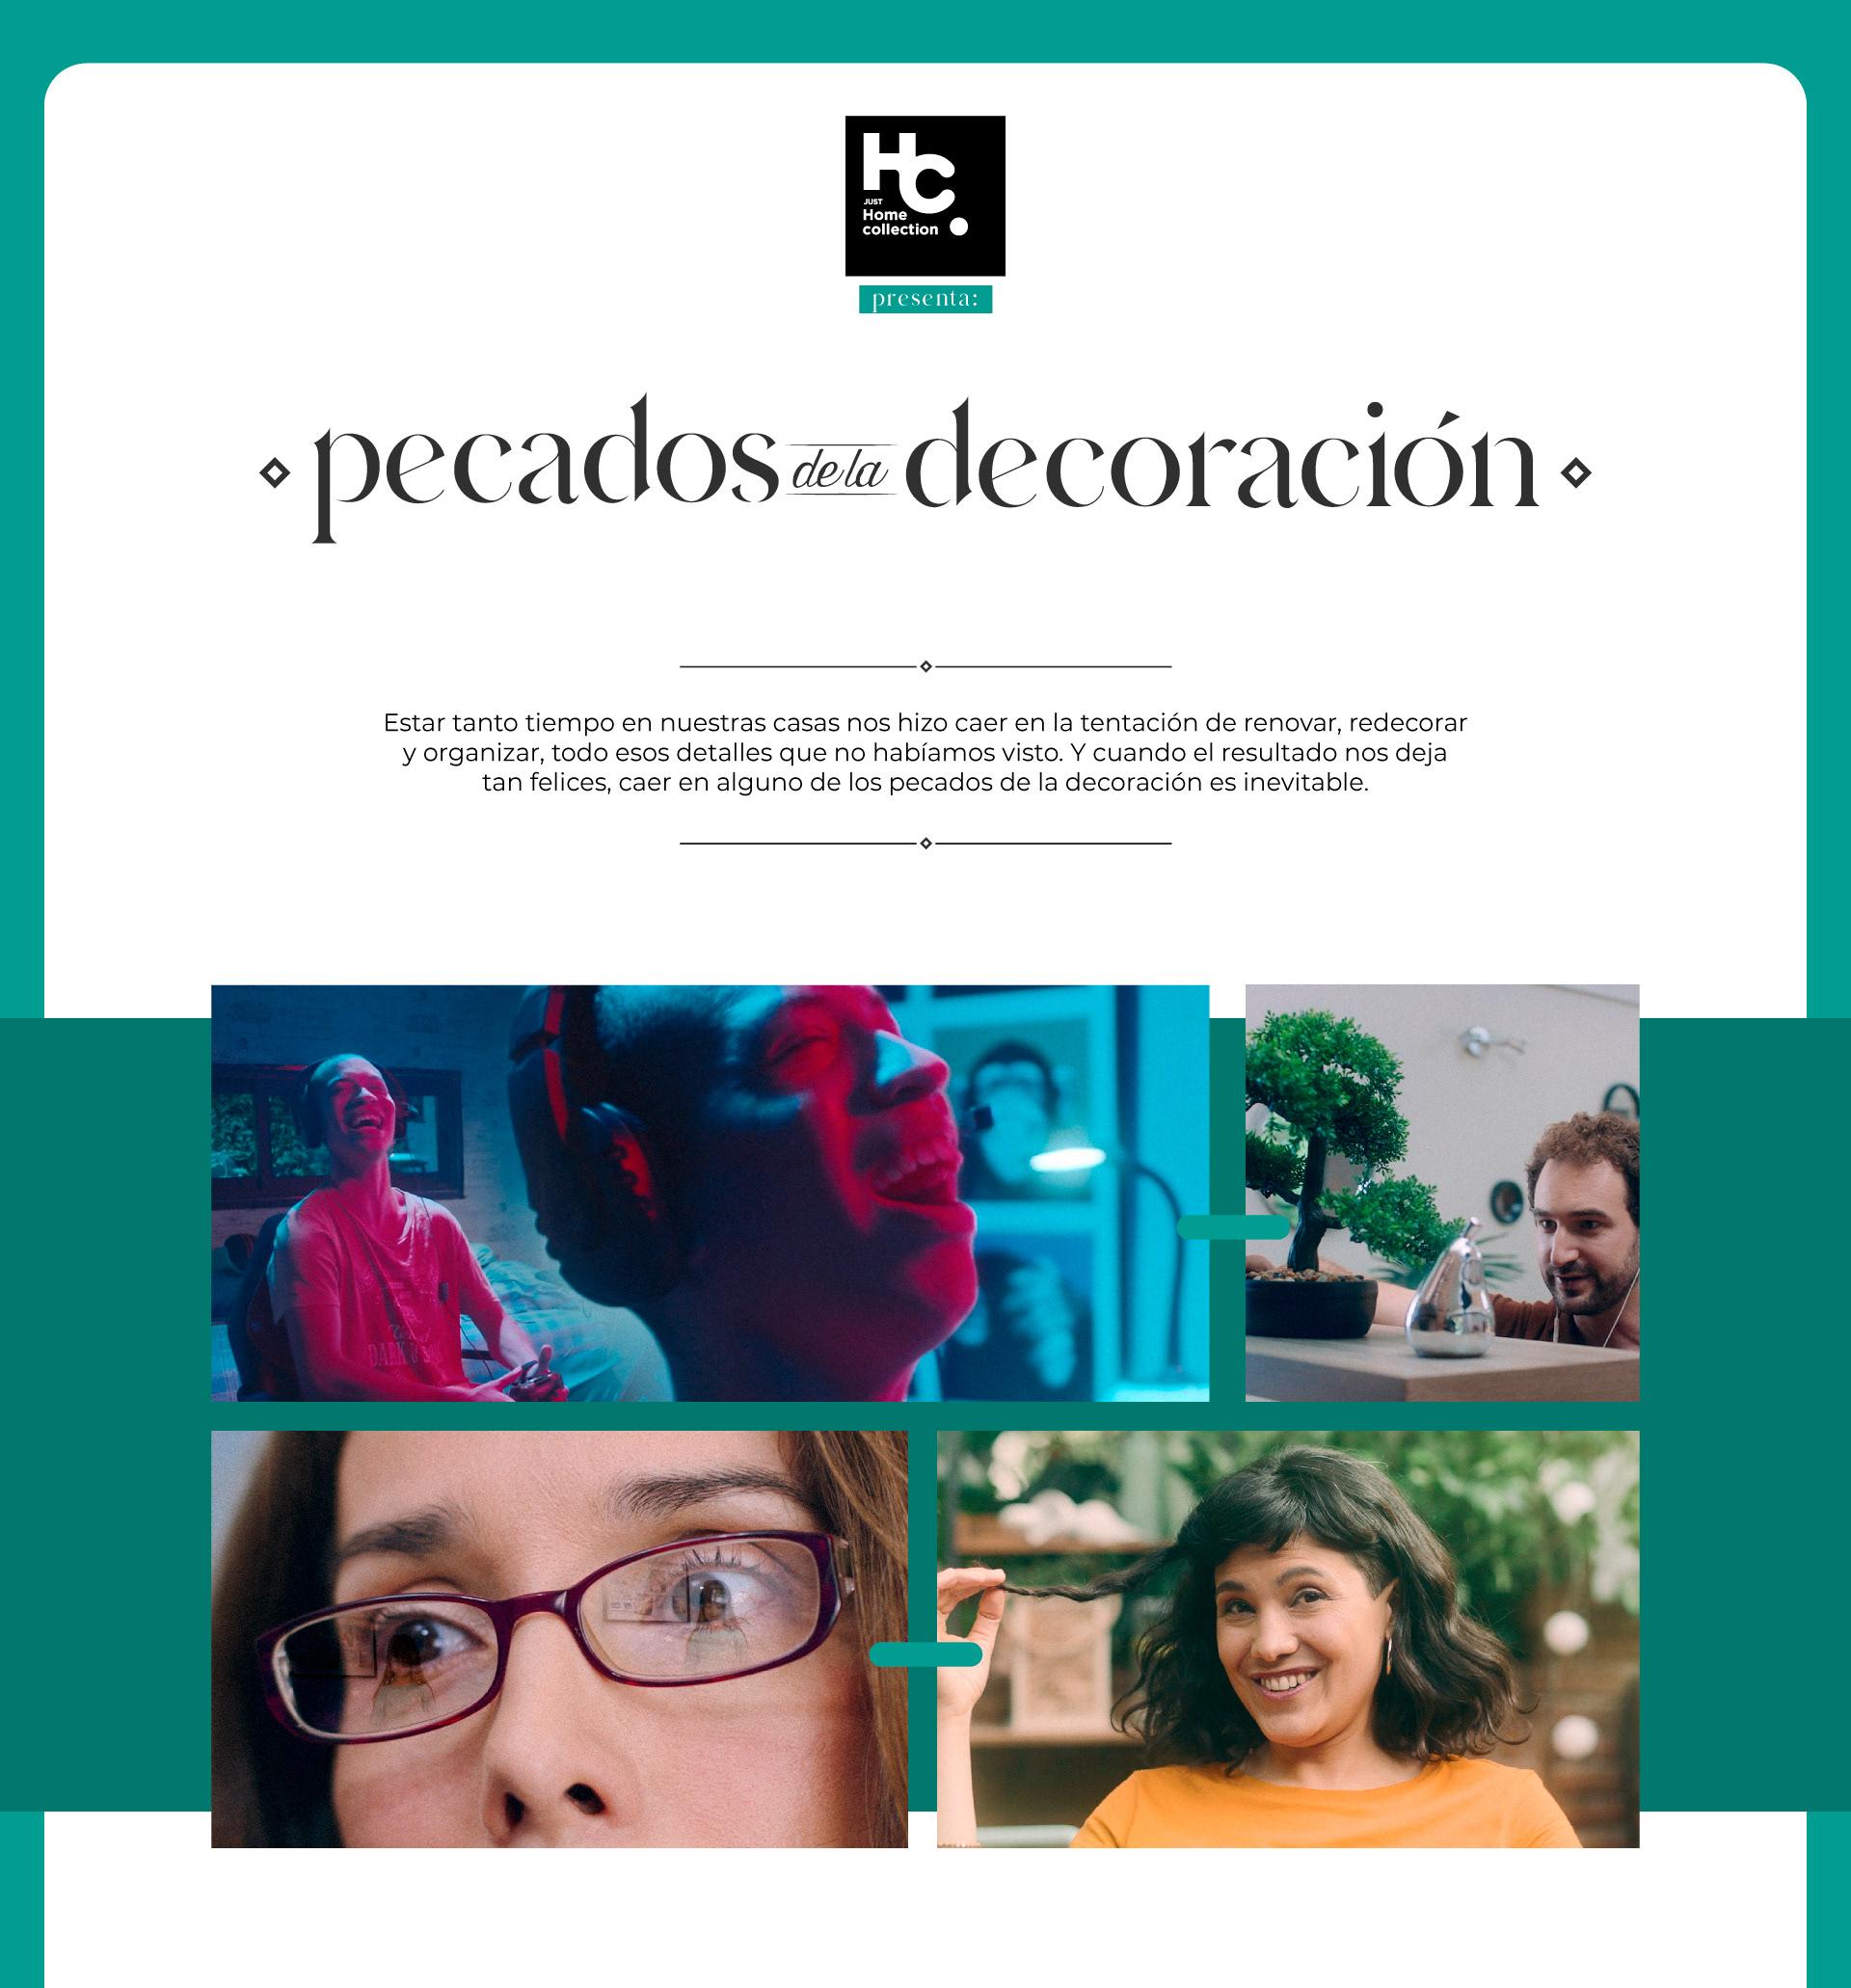 Just Home Collection: Pecados de la decoración.